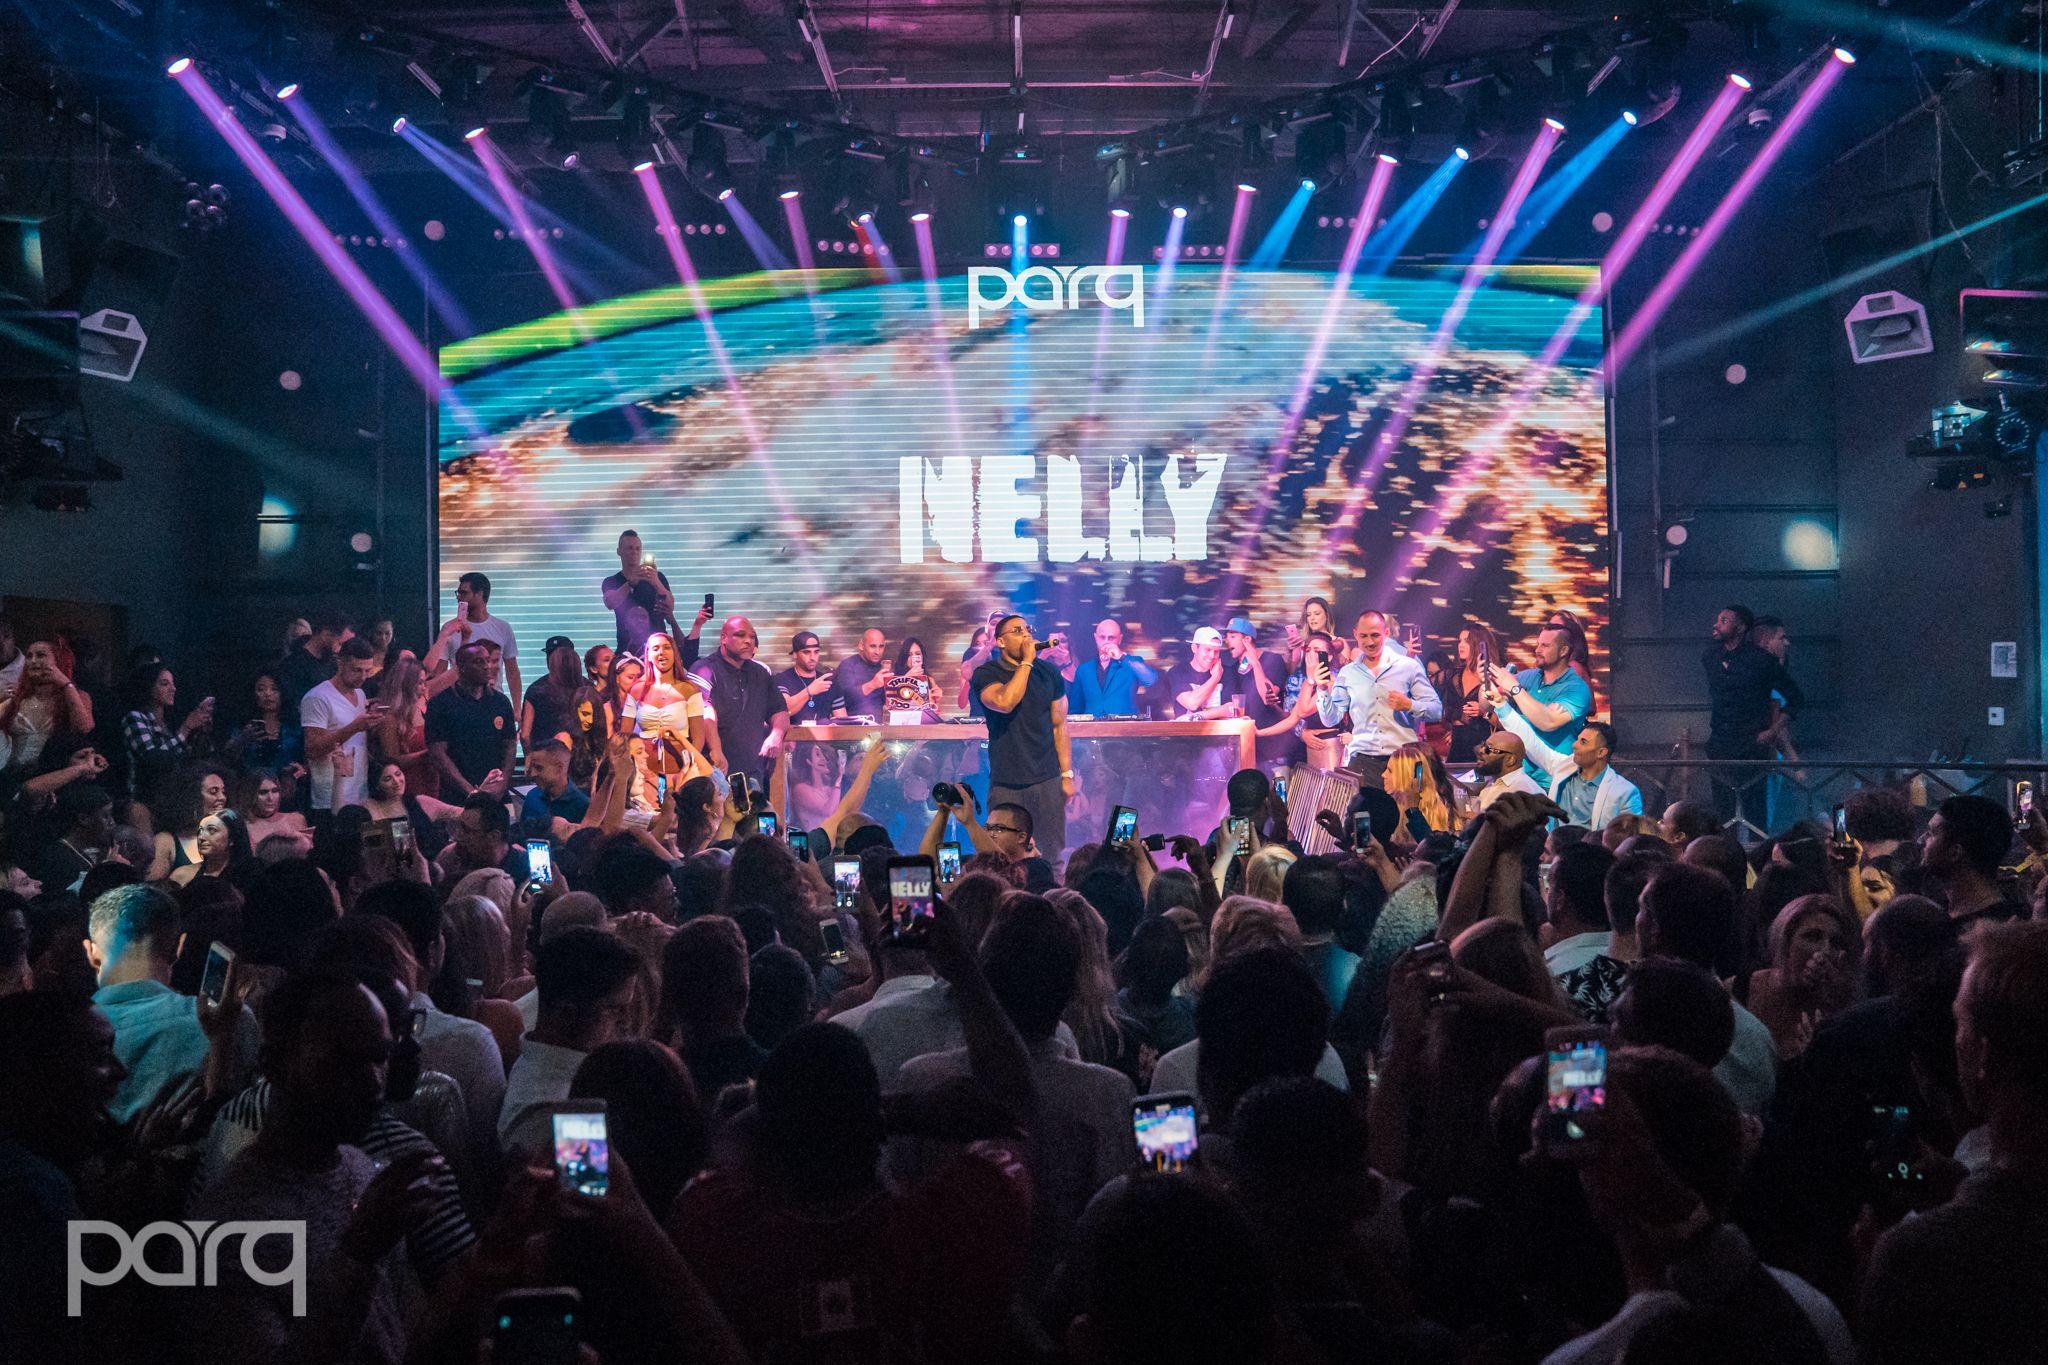 08.31.18 Parq - Nelly-1.jpg